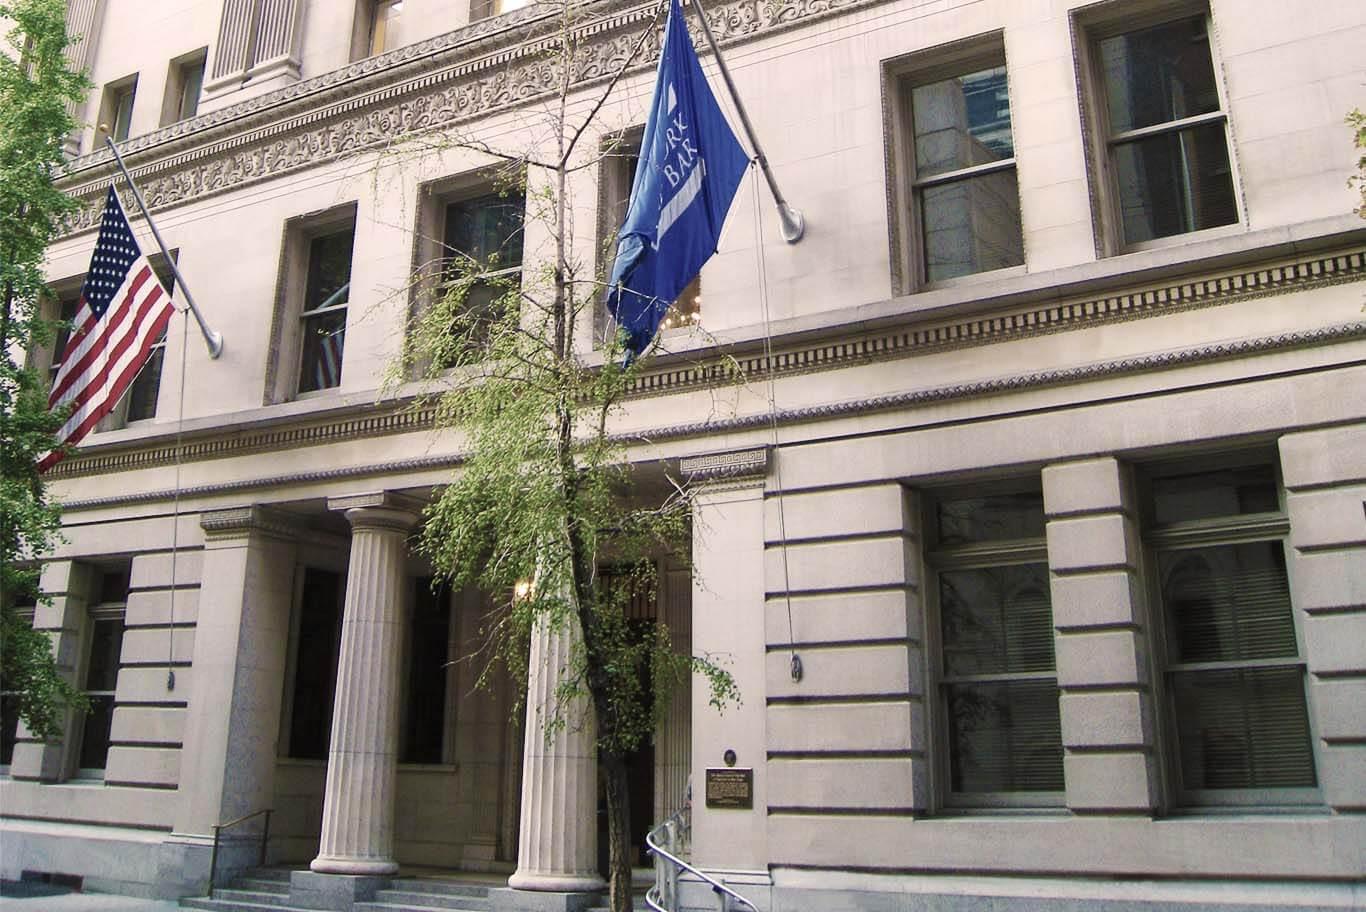 La pertinence de la Proclamation US sur le Sahara marocain mise en avant lors d'une conférence de l'Association du barreau de New York